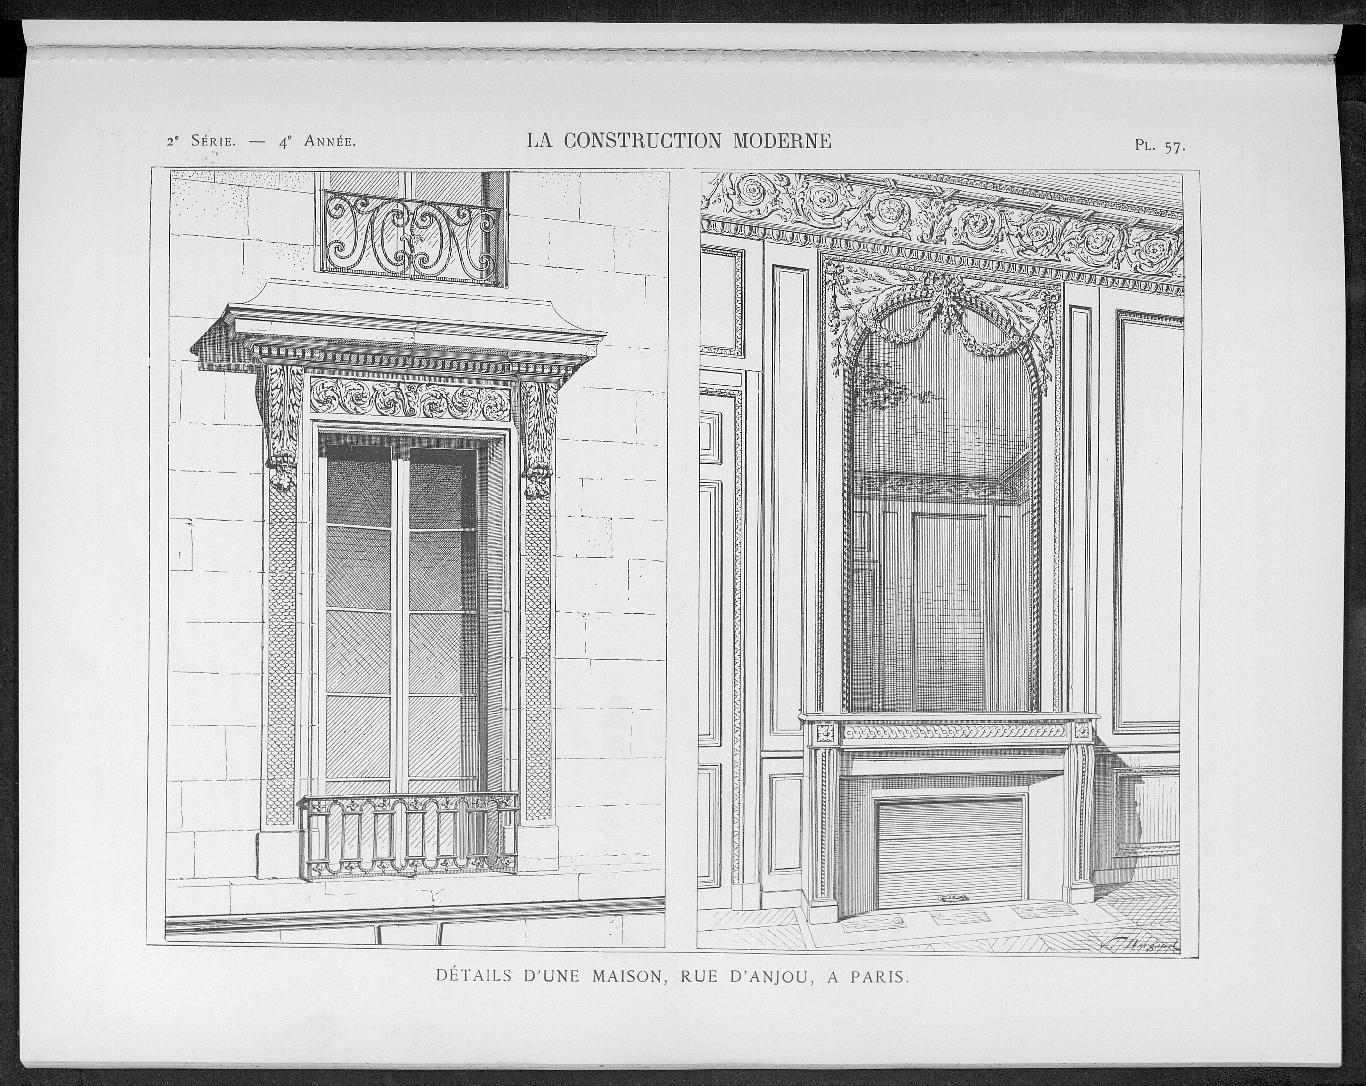 La Construction moderne, no. 28, 1898-1899 |